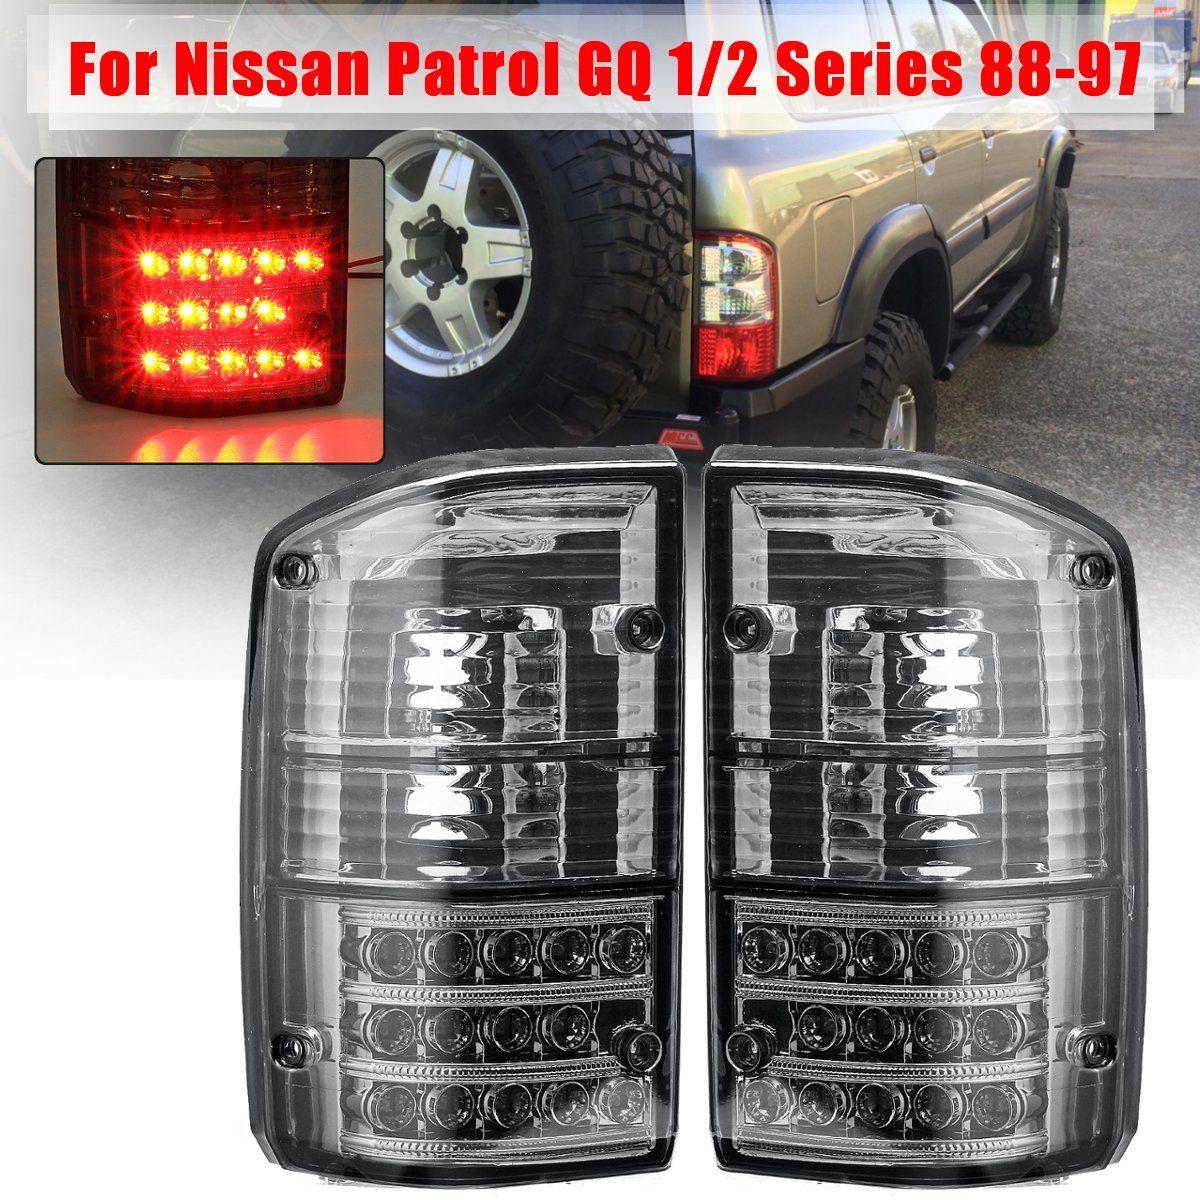 Paire Arrière feu stop Lampe Pour Nissan Patrol GQ 1/2 Série 1988 1989 1990 1991 1992 1993 1994 1995 1996 1997 Feu arrière